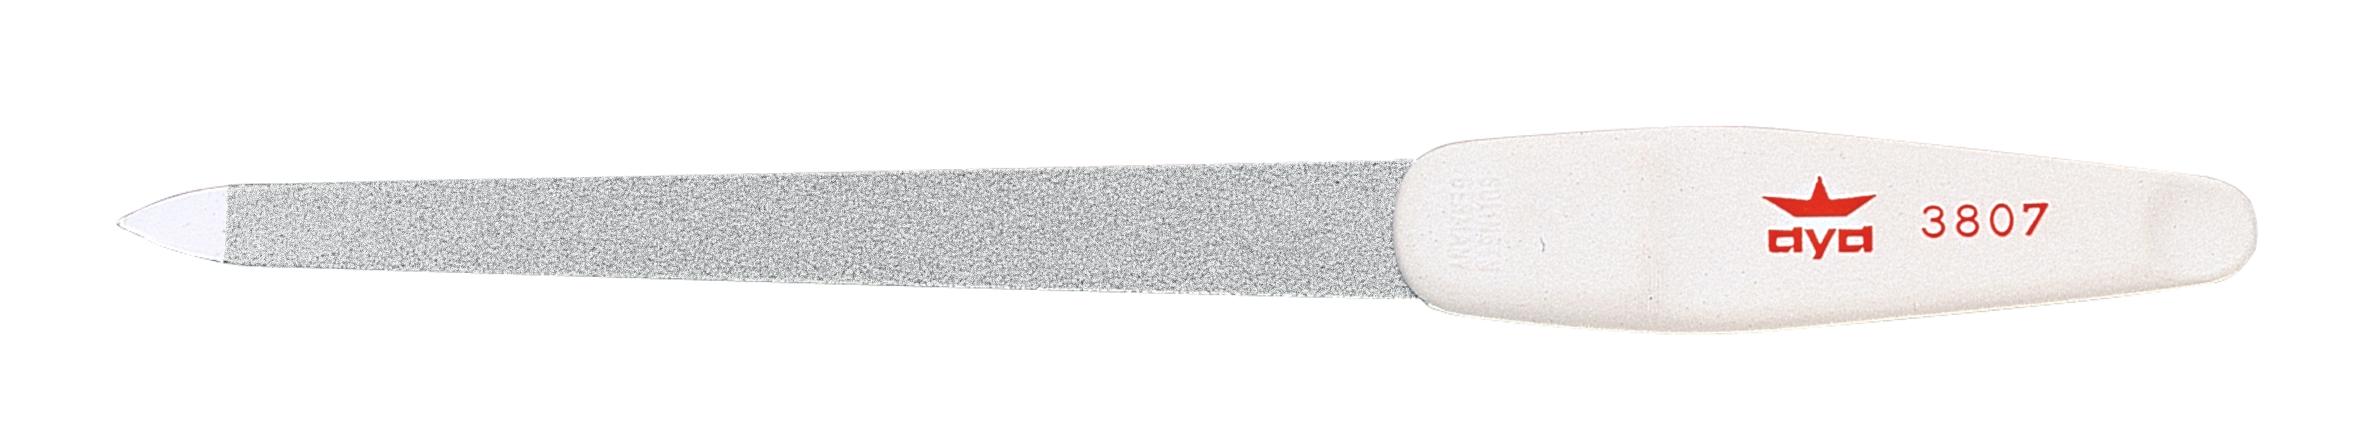 Becker-Manicure AYA Пилочка для ногтей 18см. 9380793807Пилочка двусторонняя, с одной стороны сапфировое напыление более крупное для придания ногтю формы, с другой более мелкое для завершения шлифовки ногтя. Длина пилочки 18 см Хранить в сухом недоступном для детей месте. Срок годности не ограничен. Замена изделия не осуществляется в следующих случаях: - Использование не по назначению - Самостоятельный ремонт - Нарушение условий хранения